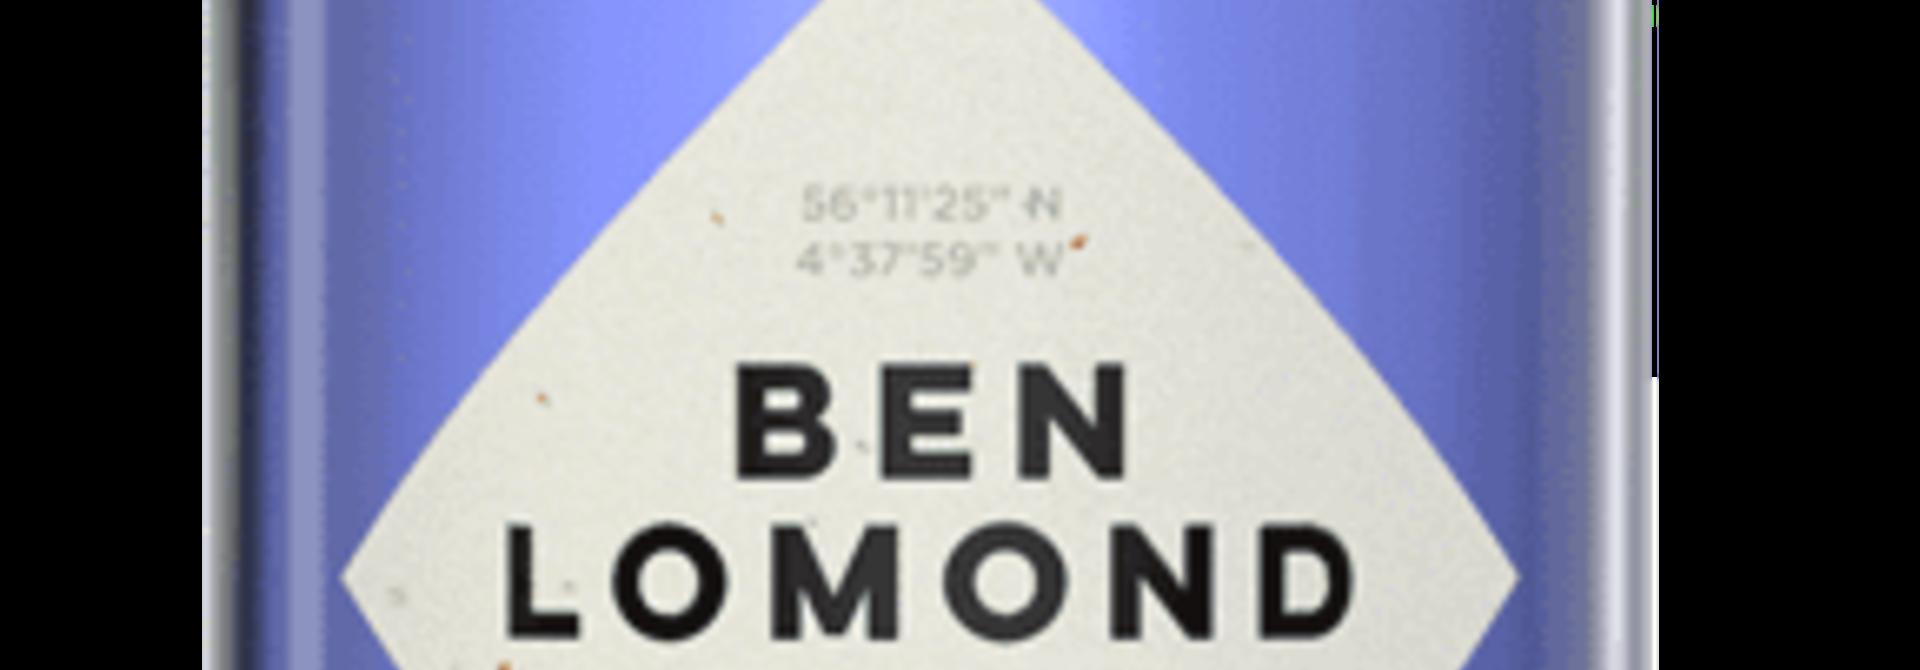 Ben Lomond Scottsh Gin